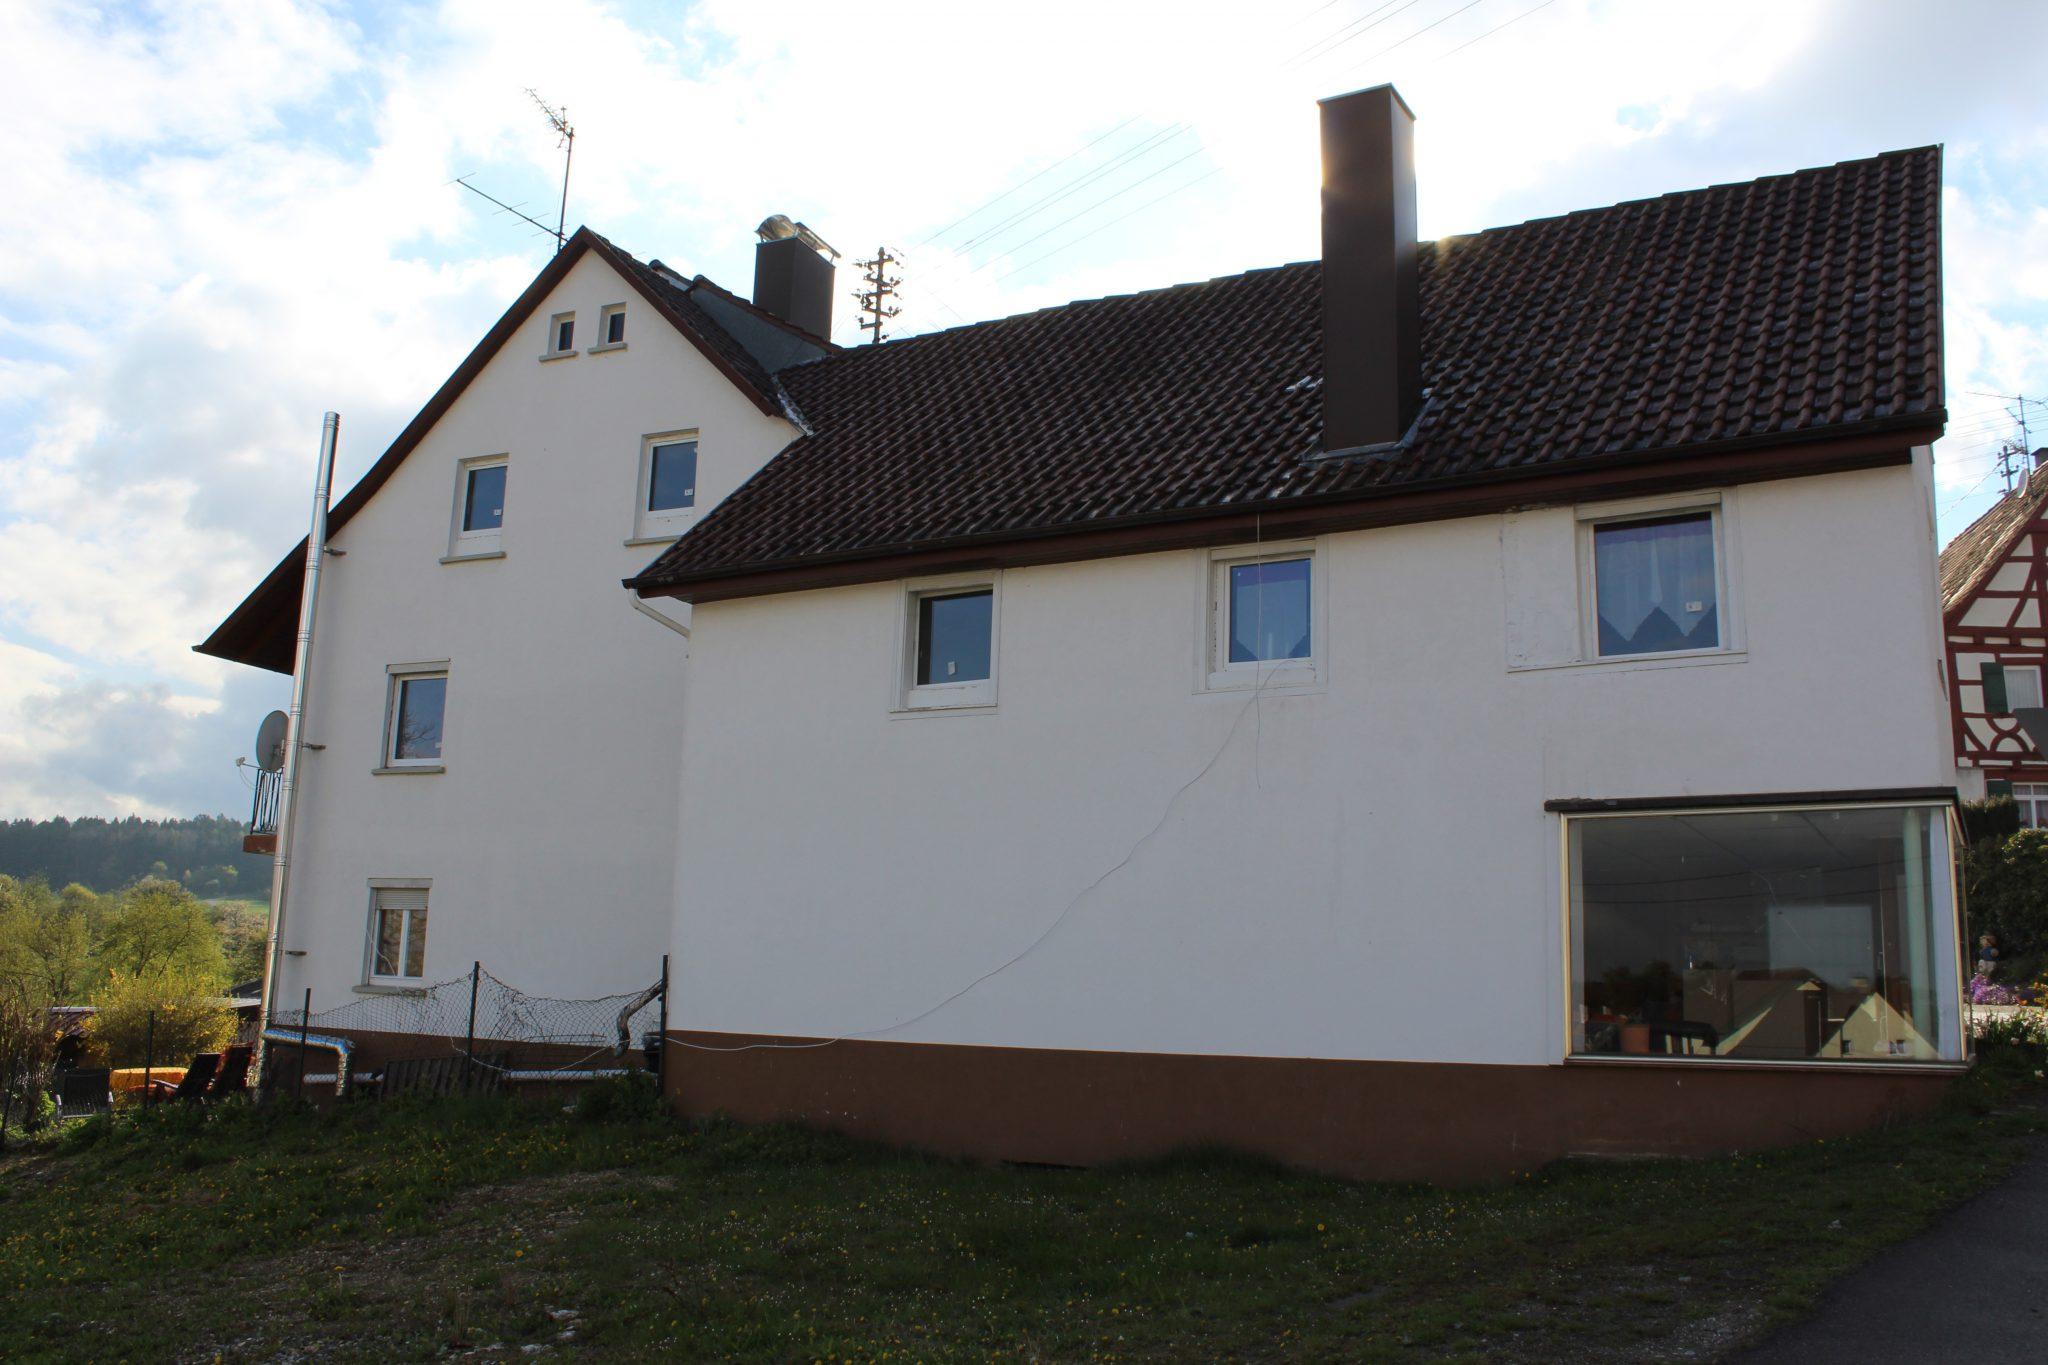 1-2 Familienhaus mit Garten und Garage in Oberschwandorf